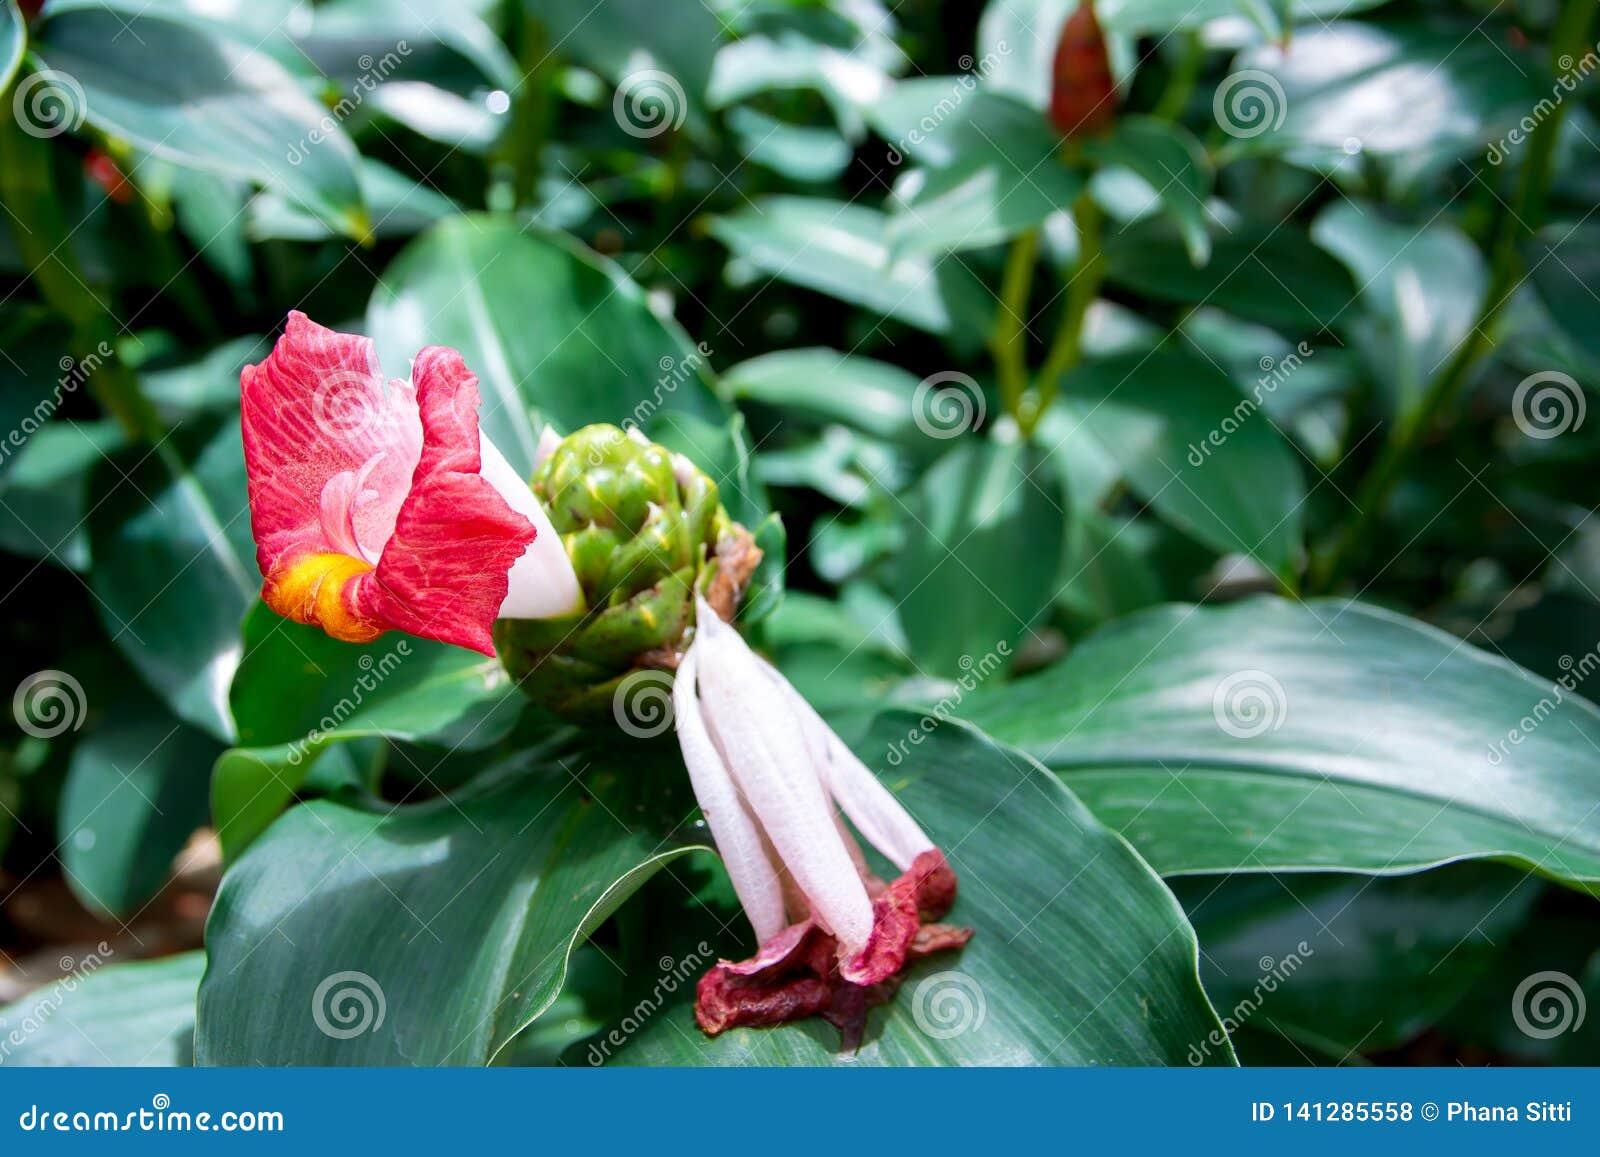 印第安黑德姜花在庭院里 Costus Speciosus